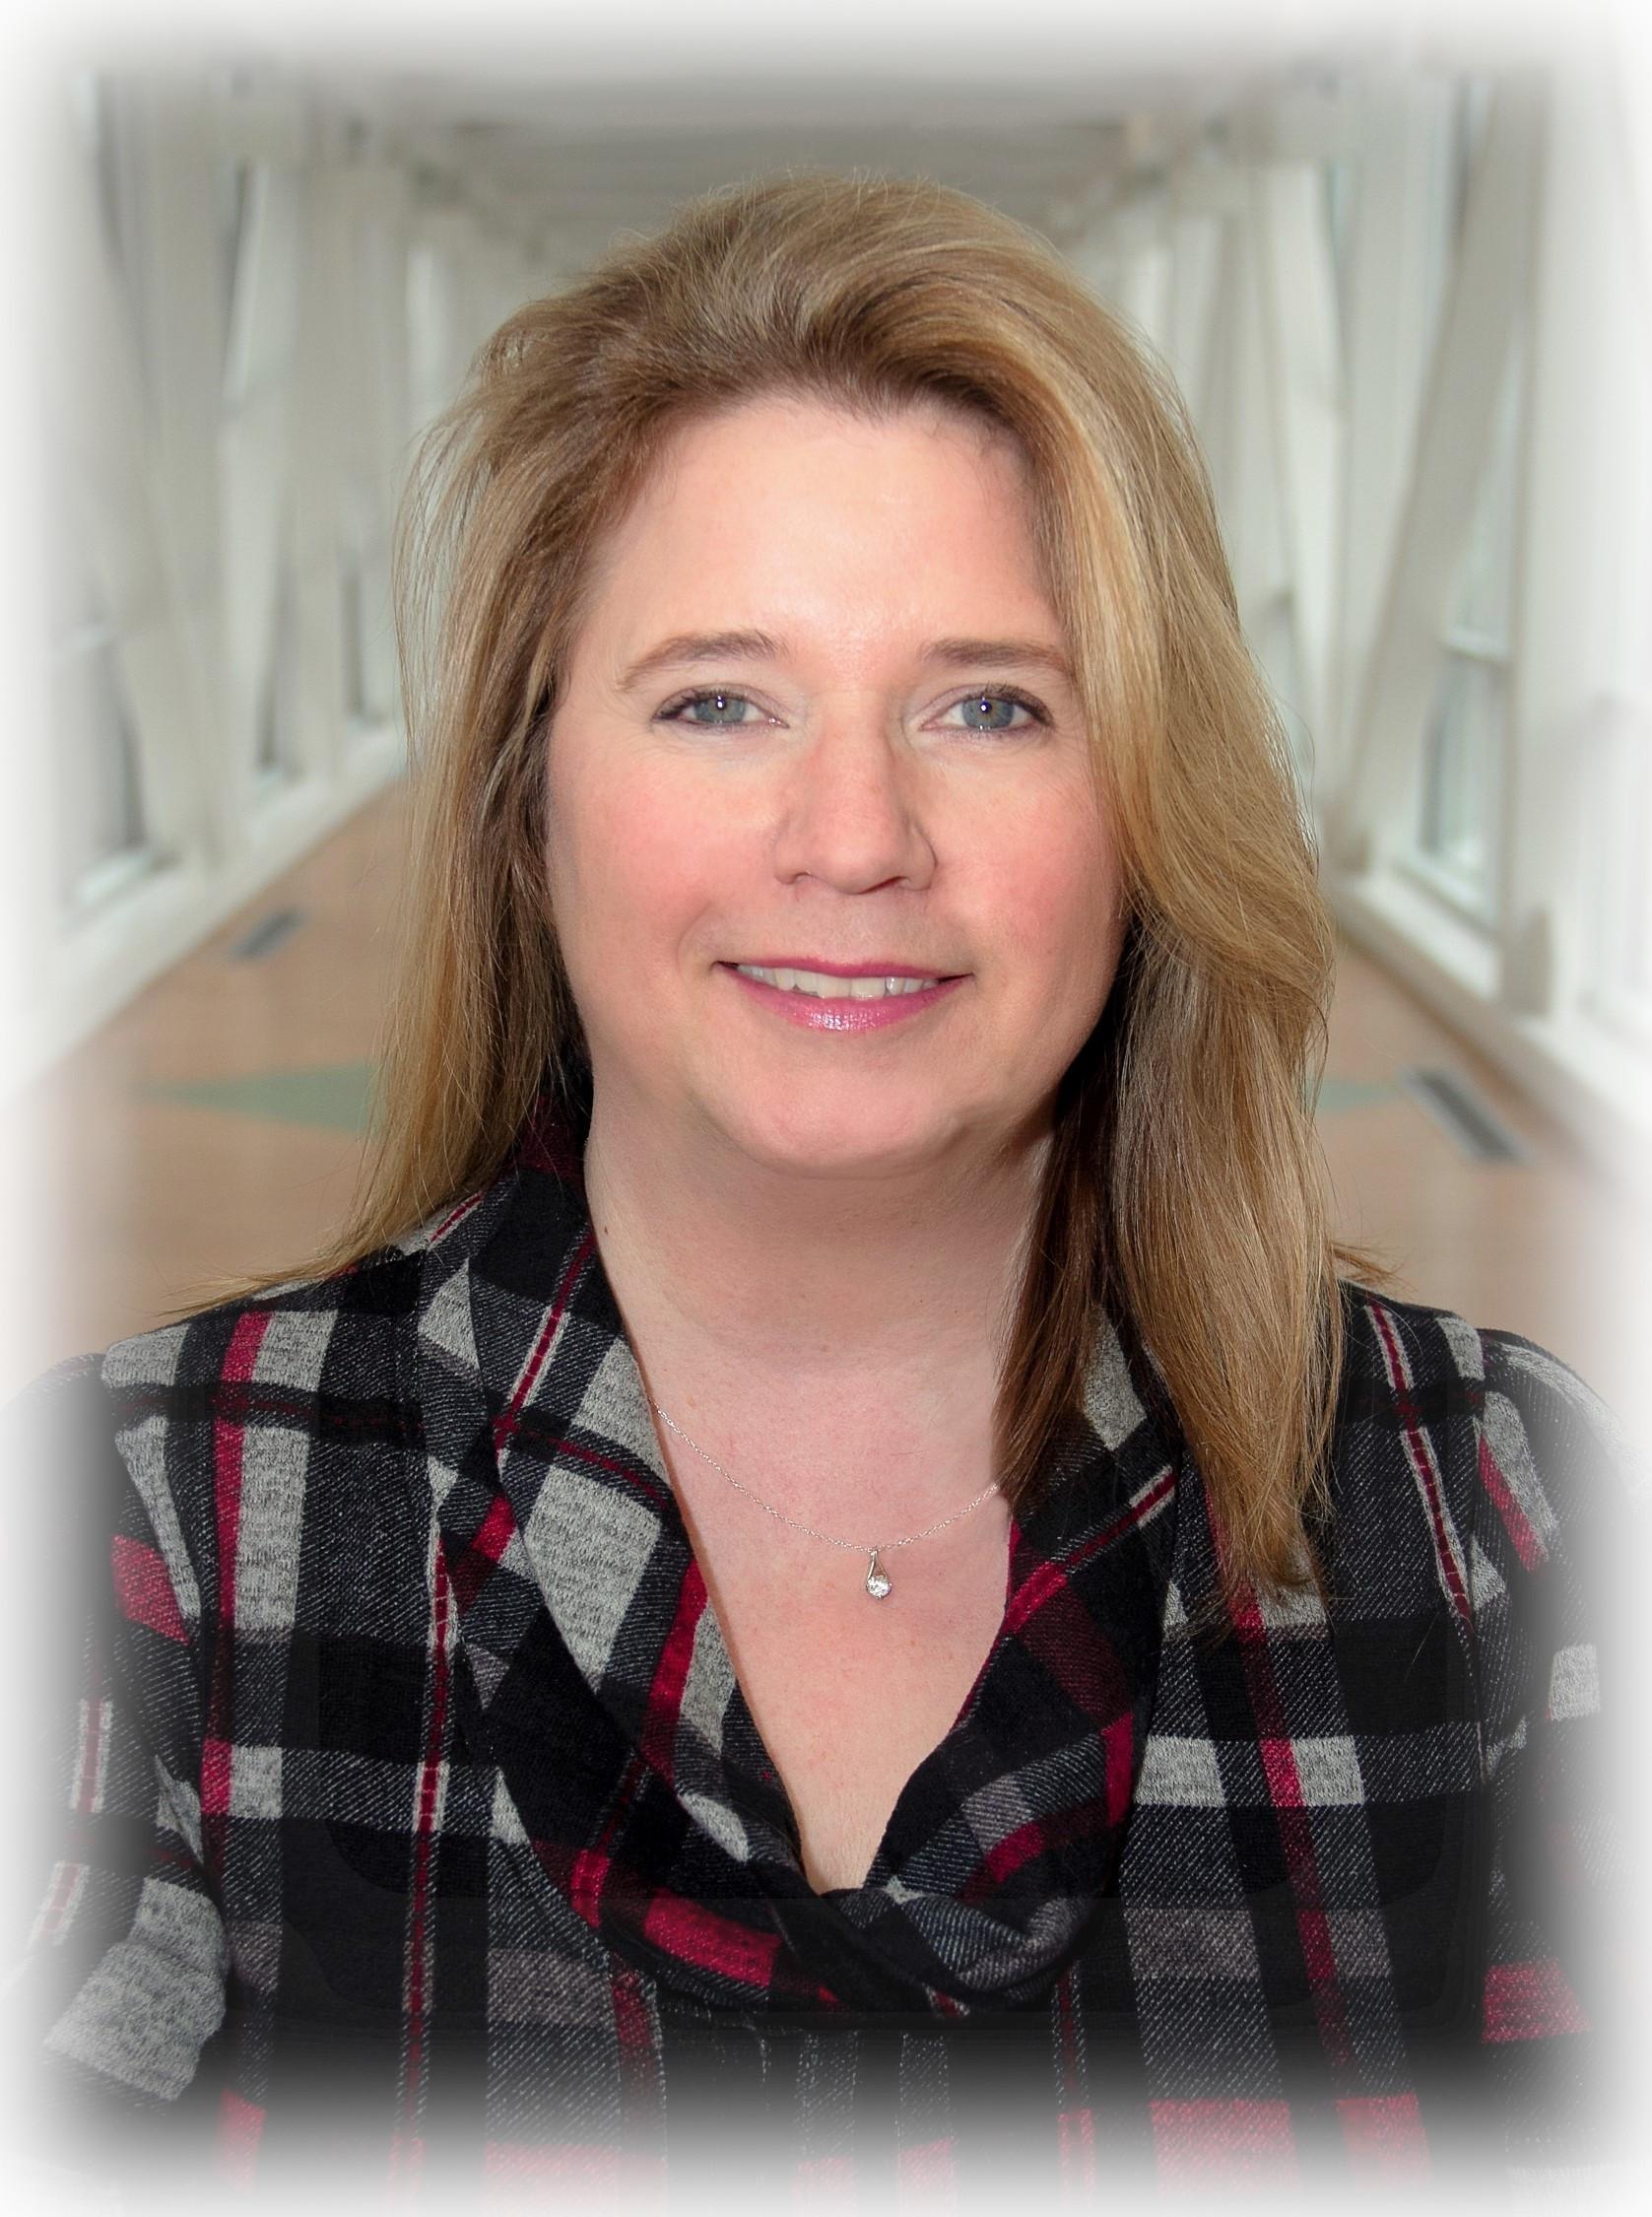 Susan Wyss